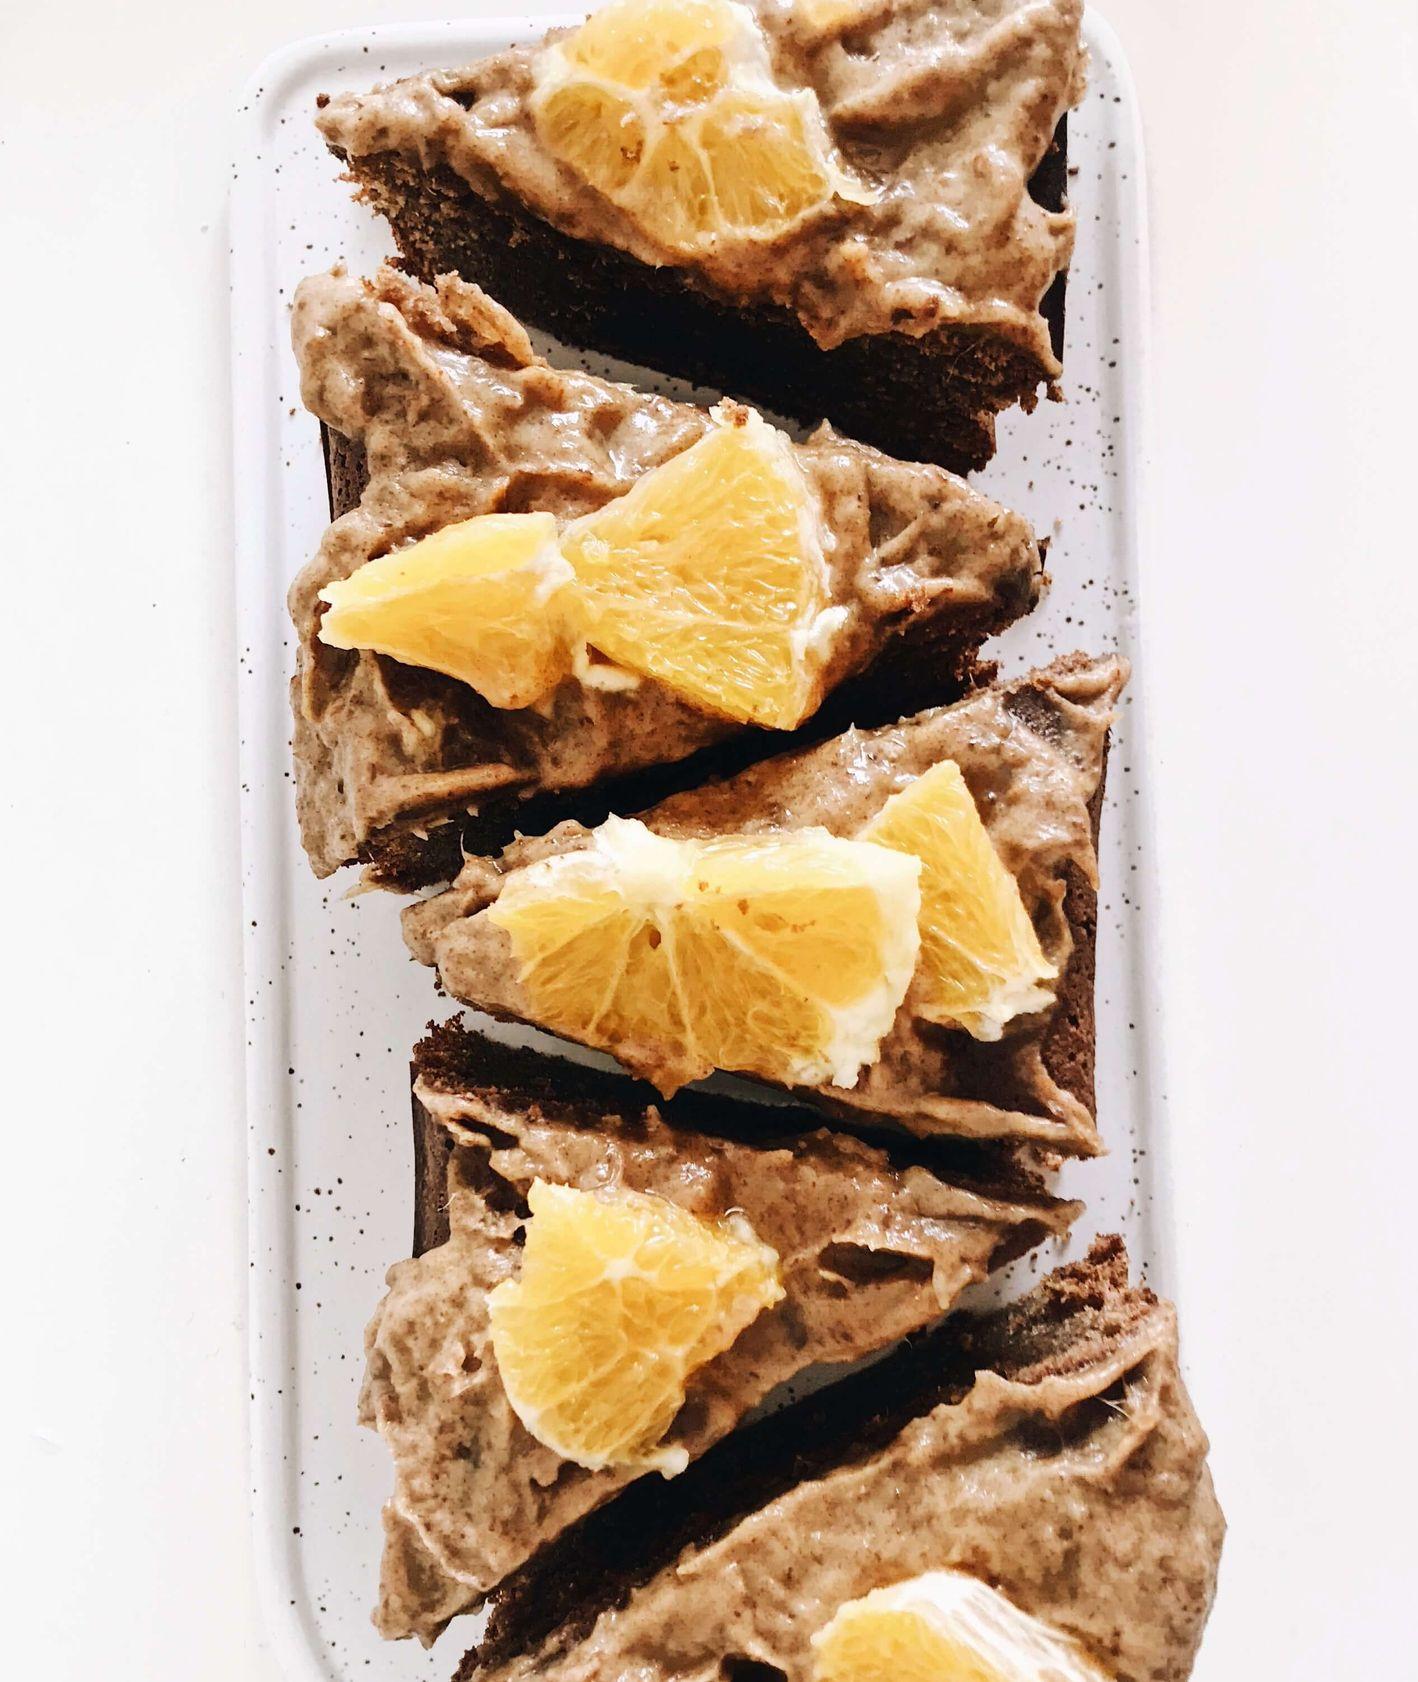 ciasto czekoladowe, ciasto z karmelem, ciasto z karmelem daktylowym, karmel daktylowy, karmel, ciasto pomarańczowe, ciasto bez cukru